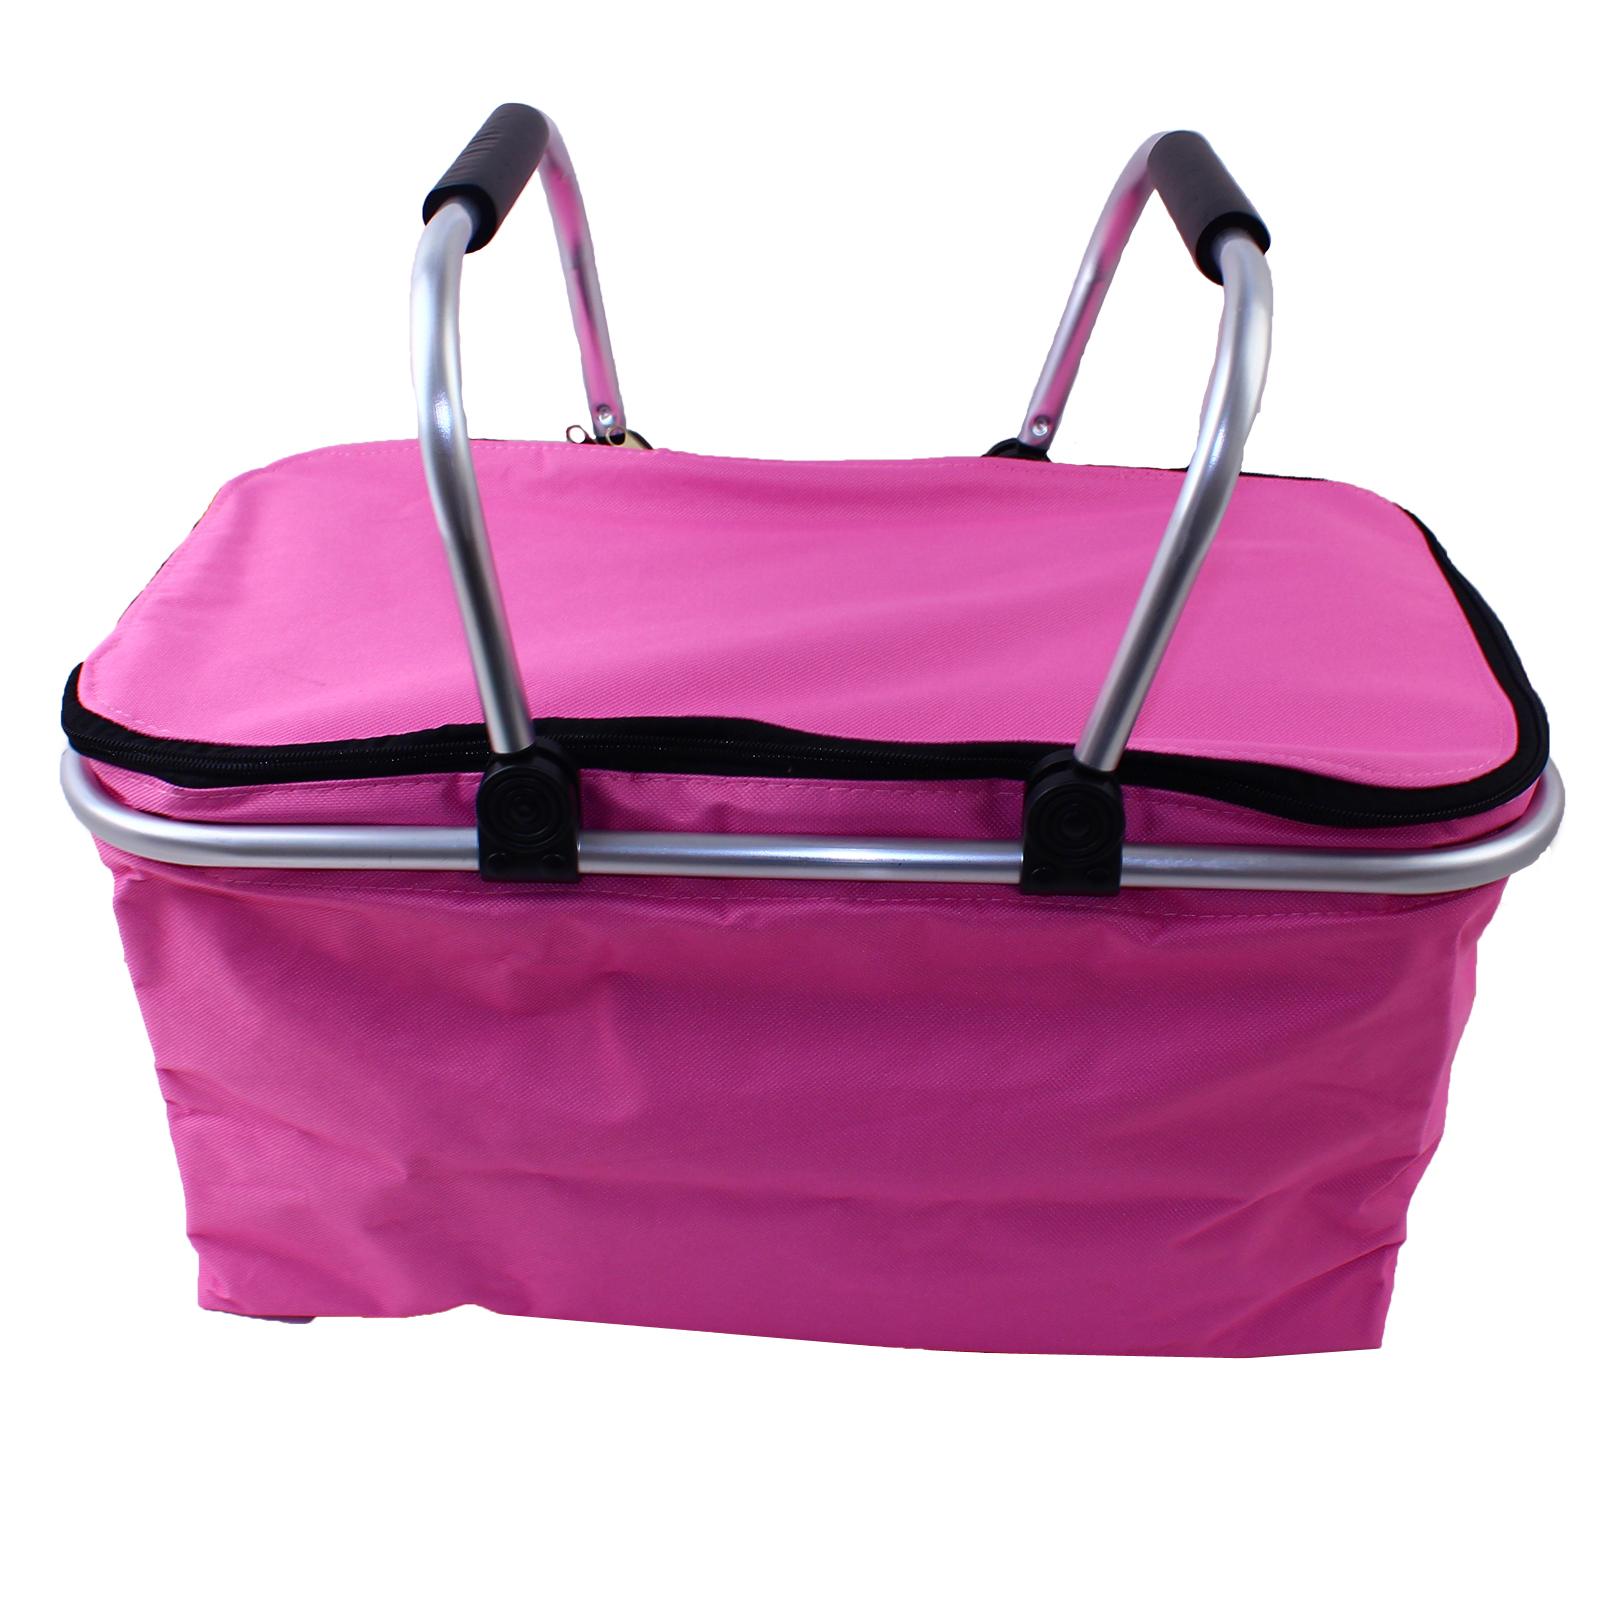 picnic basket refroidisseur sac panier isotherme pliable fourre tout de voyage 35 l assortiment. Black Bedroom Furniture Sets. Home Design Ideas